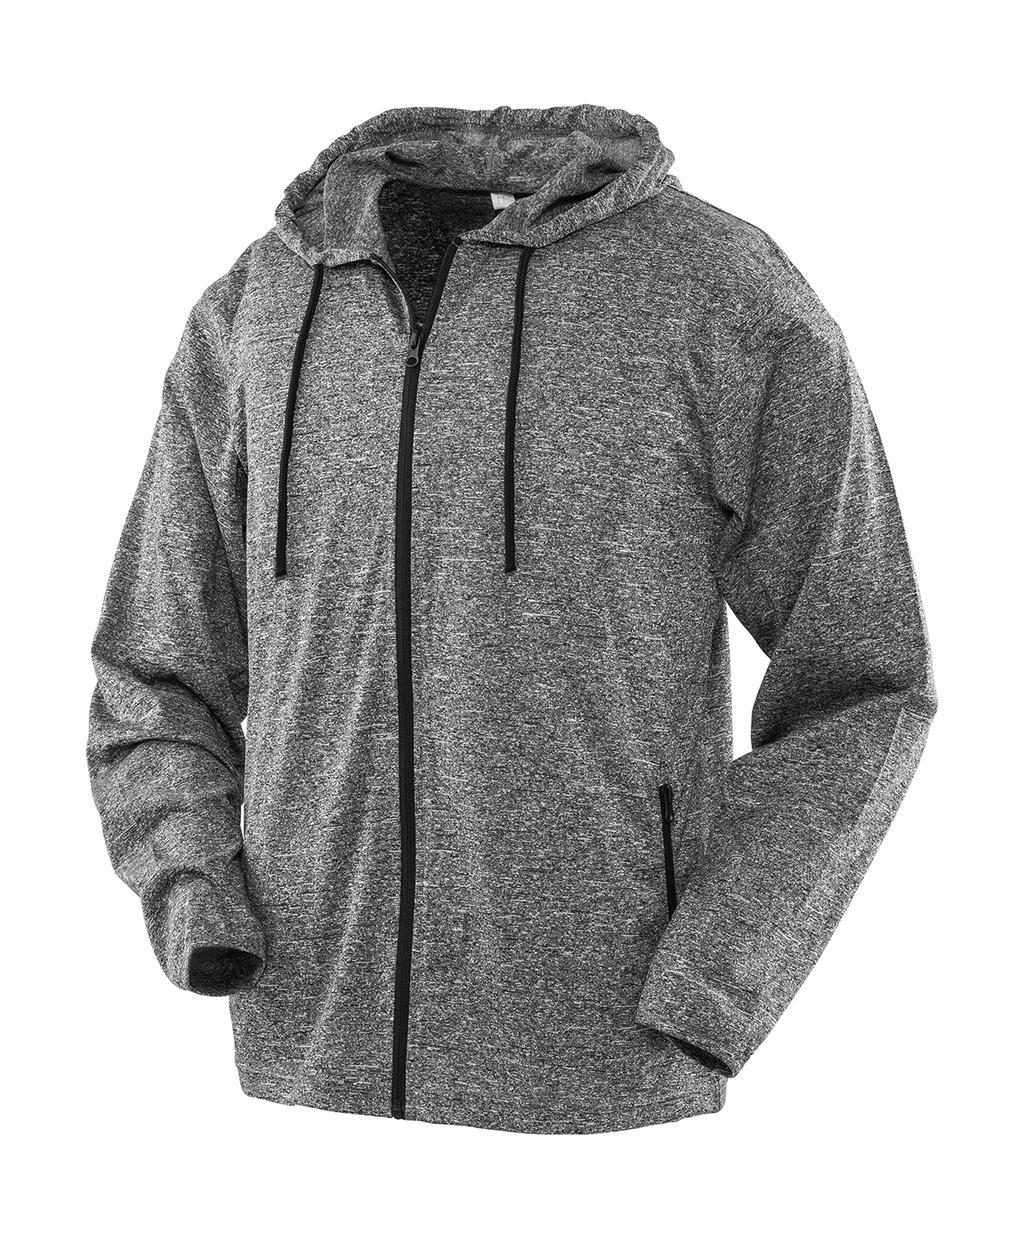 Pánská bunda s kapucí Hooded Tee - zvìtšit obrázek